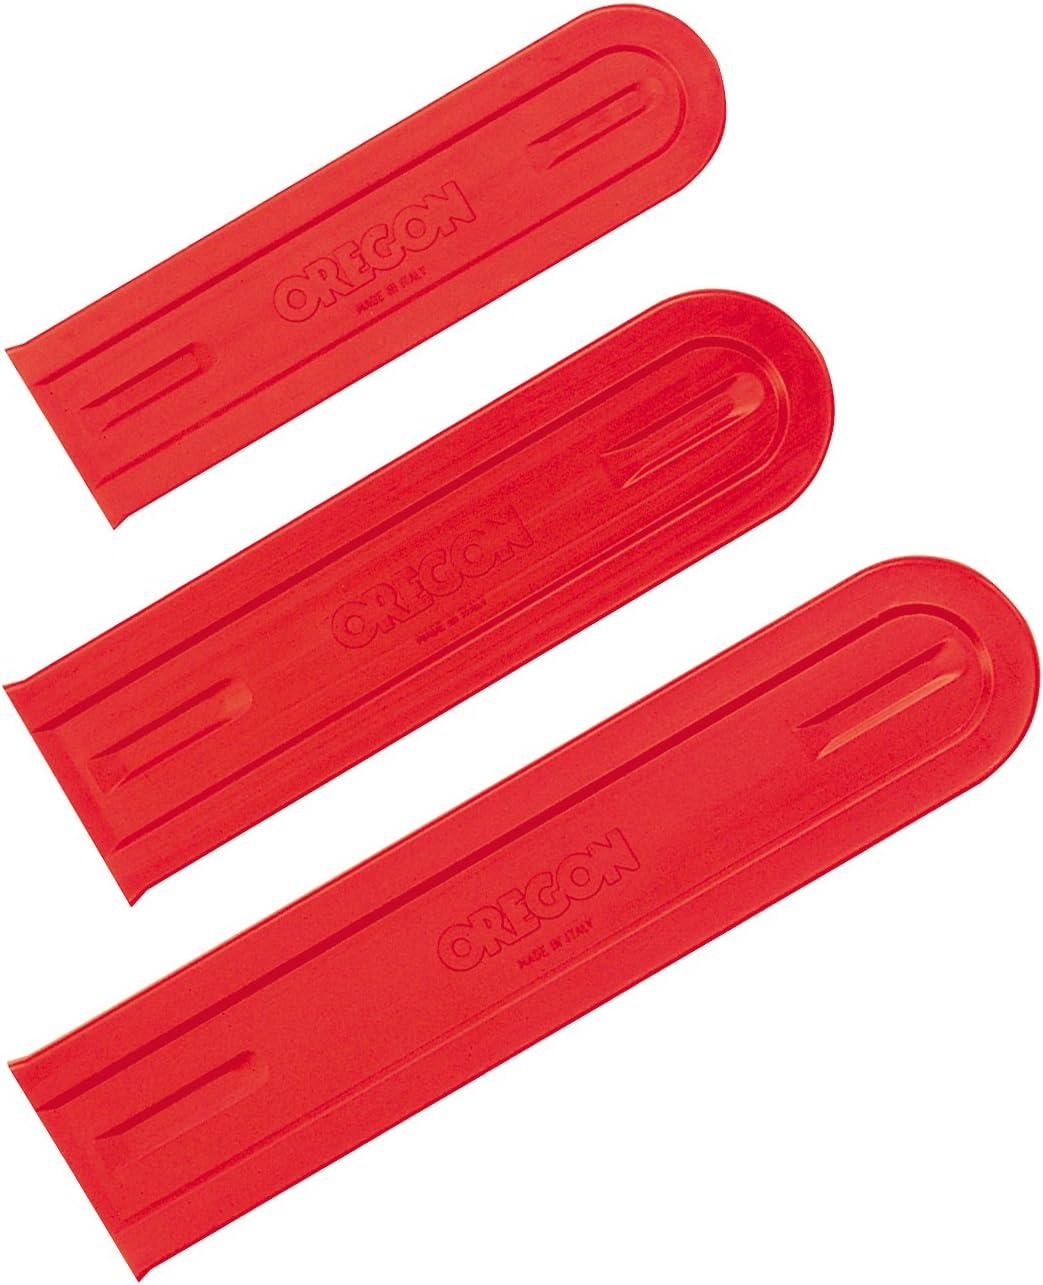 Oregon 38614 - Cubierta protectora cuchilla de la barra motosierra de plástico